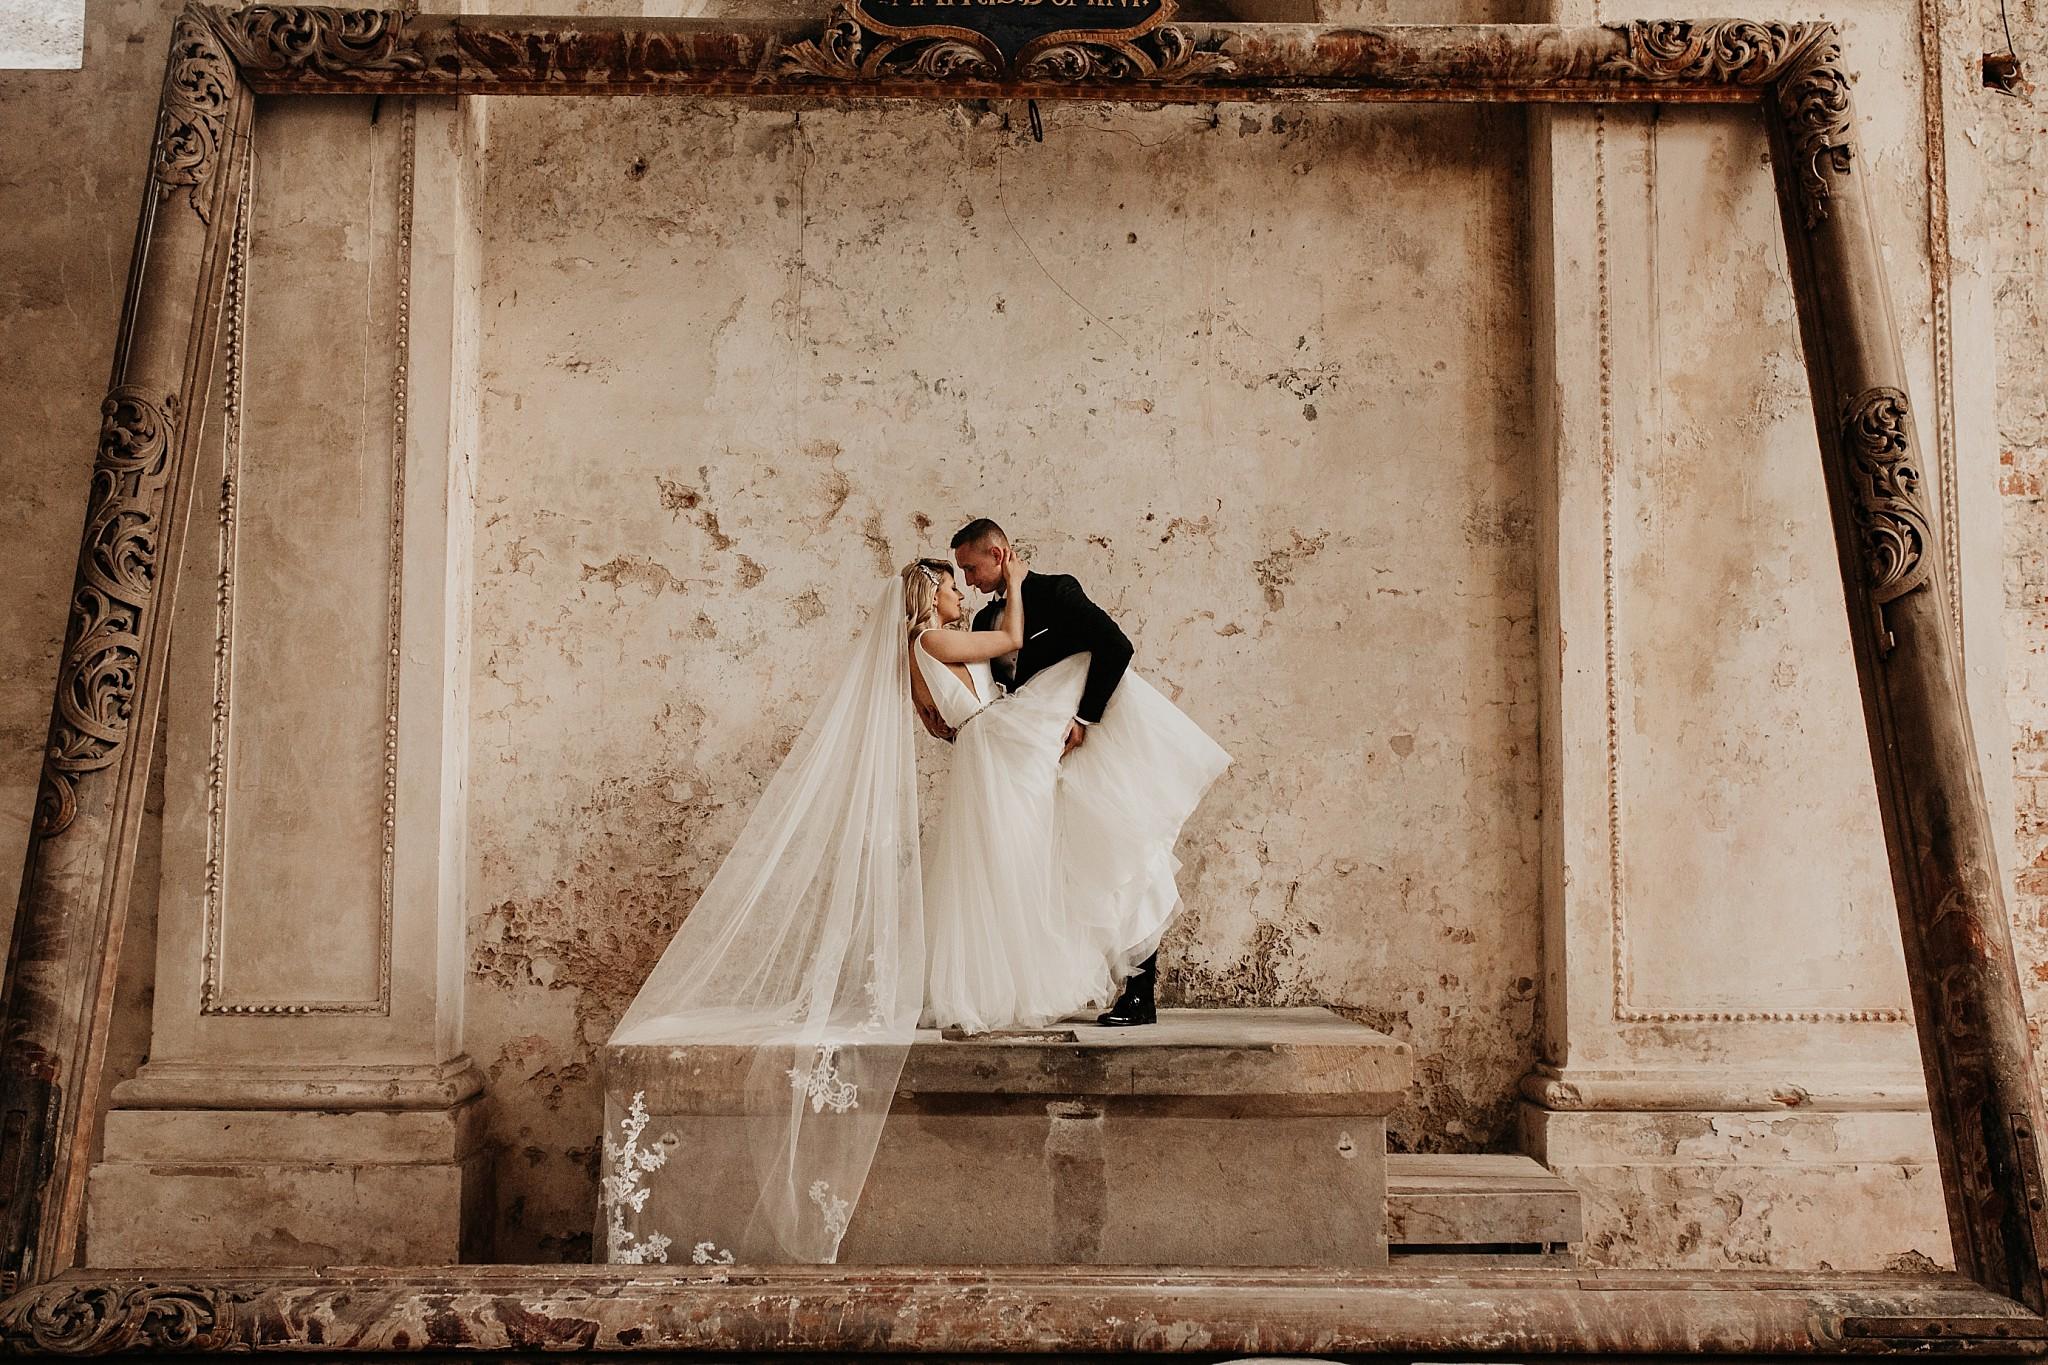 lubiaz opactwo cystersow sesja na zamku sesja zdjeciowa sesja slubna w palacu sesja palac fotograf z poznania fotografia slubna poznan 077